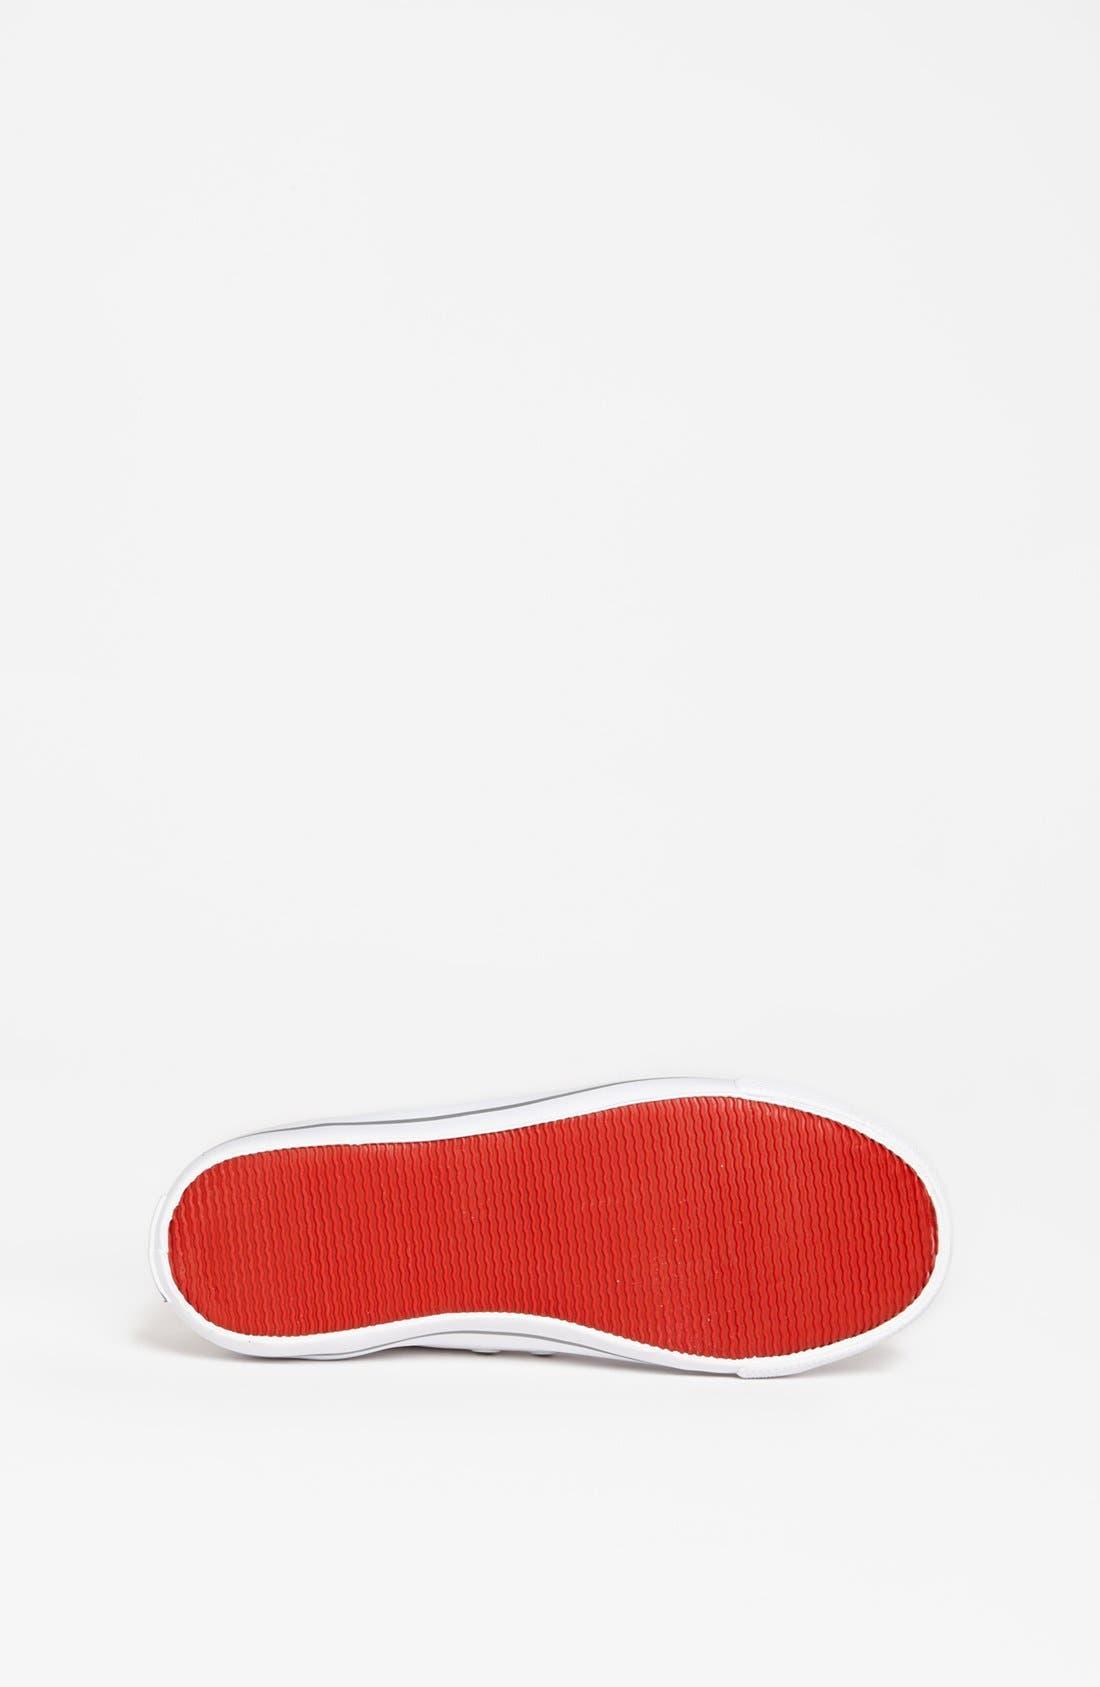 Alternate Image 4  - Lacoste 'Marcel' Sneaker (Toddler & Little Kid)